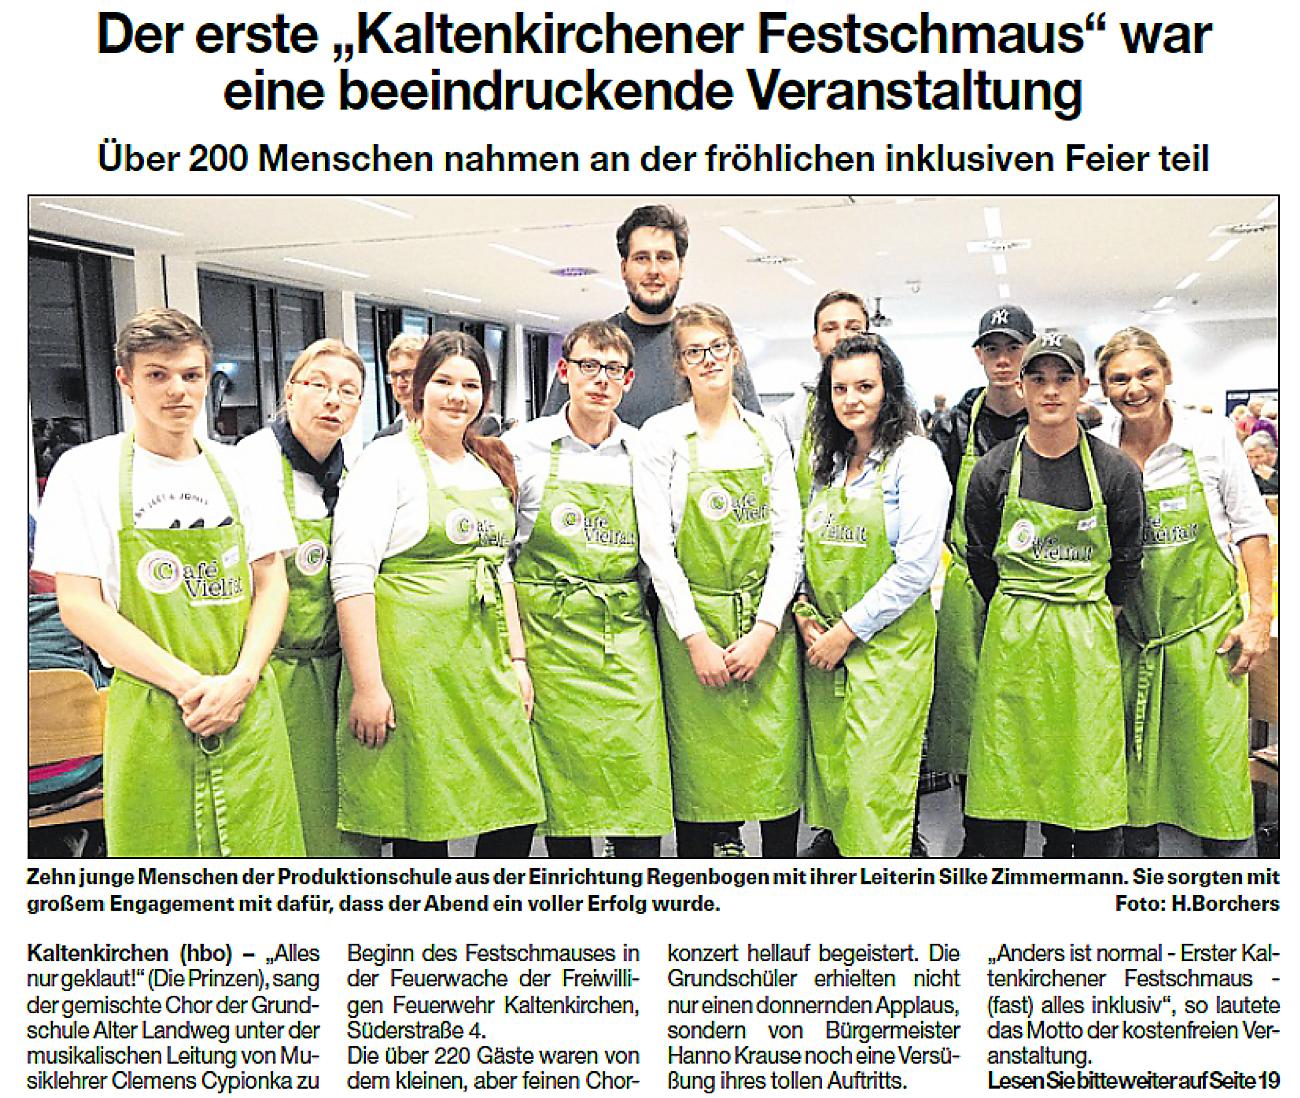 """Ein Artikel aus der Umschau vom 13.11.2019: Der erste """"Kaltenkirchener Festschmaus"""" war eine beeindruckende Veranstaltung"""